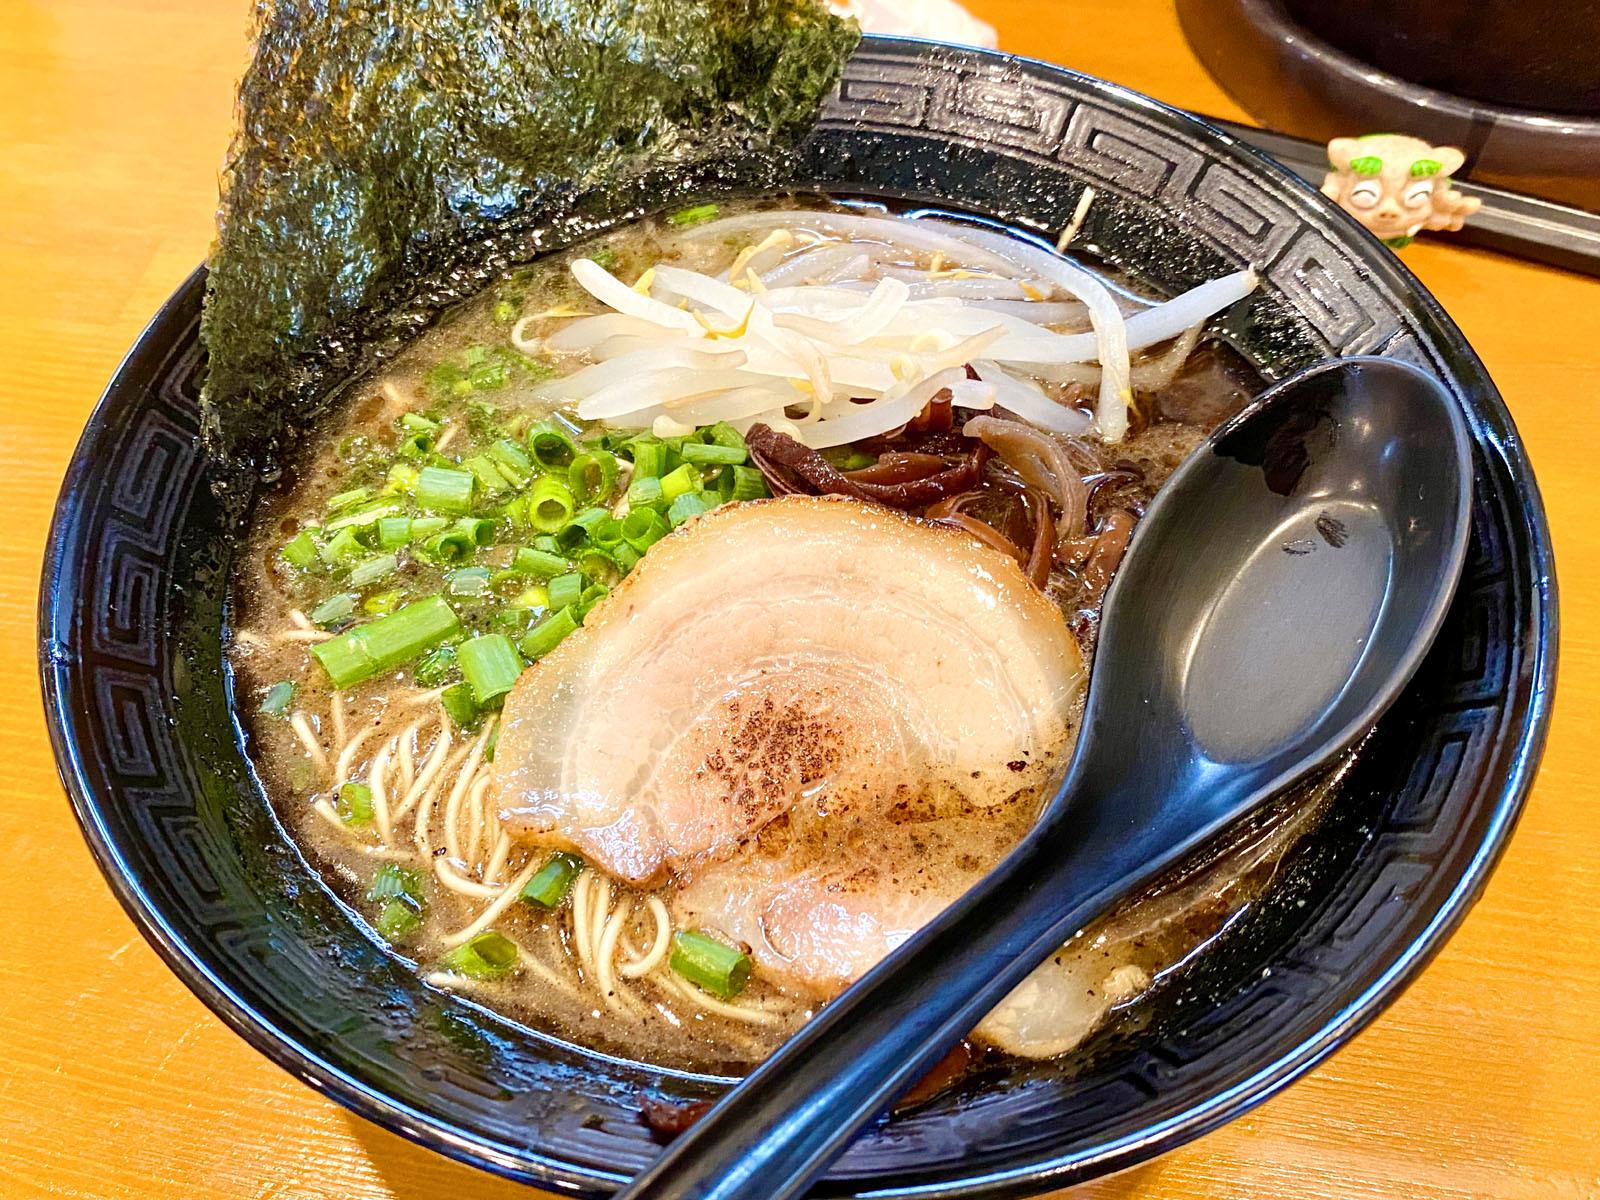 熊本風焦がしニンニク黒豚豚骨ラーメン 700円(税別